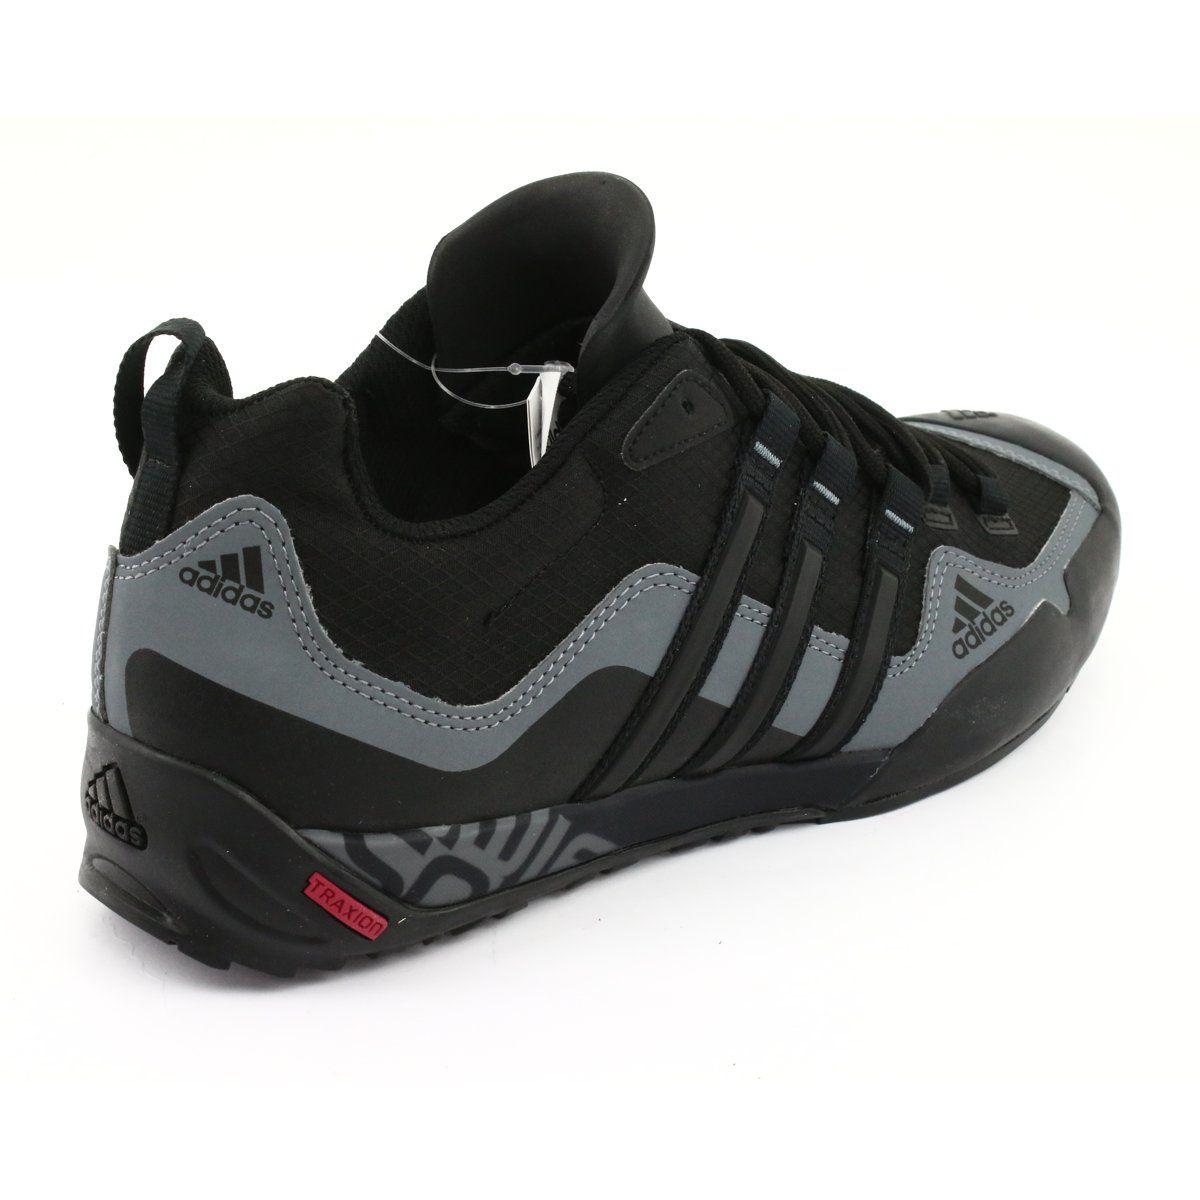 Buty Adidas Terrex Swift Solo M D67031 Czarne Szare Sports Shoes Adidas Sports Footwear Black Shoes